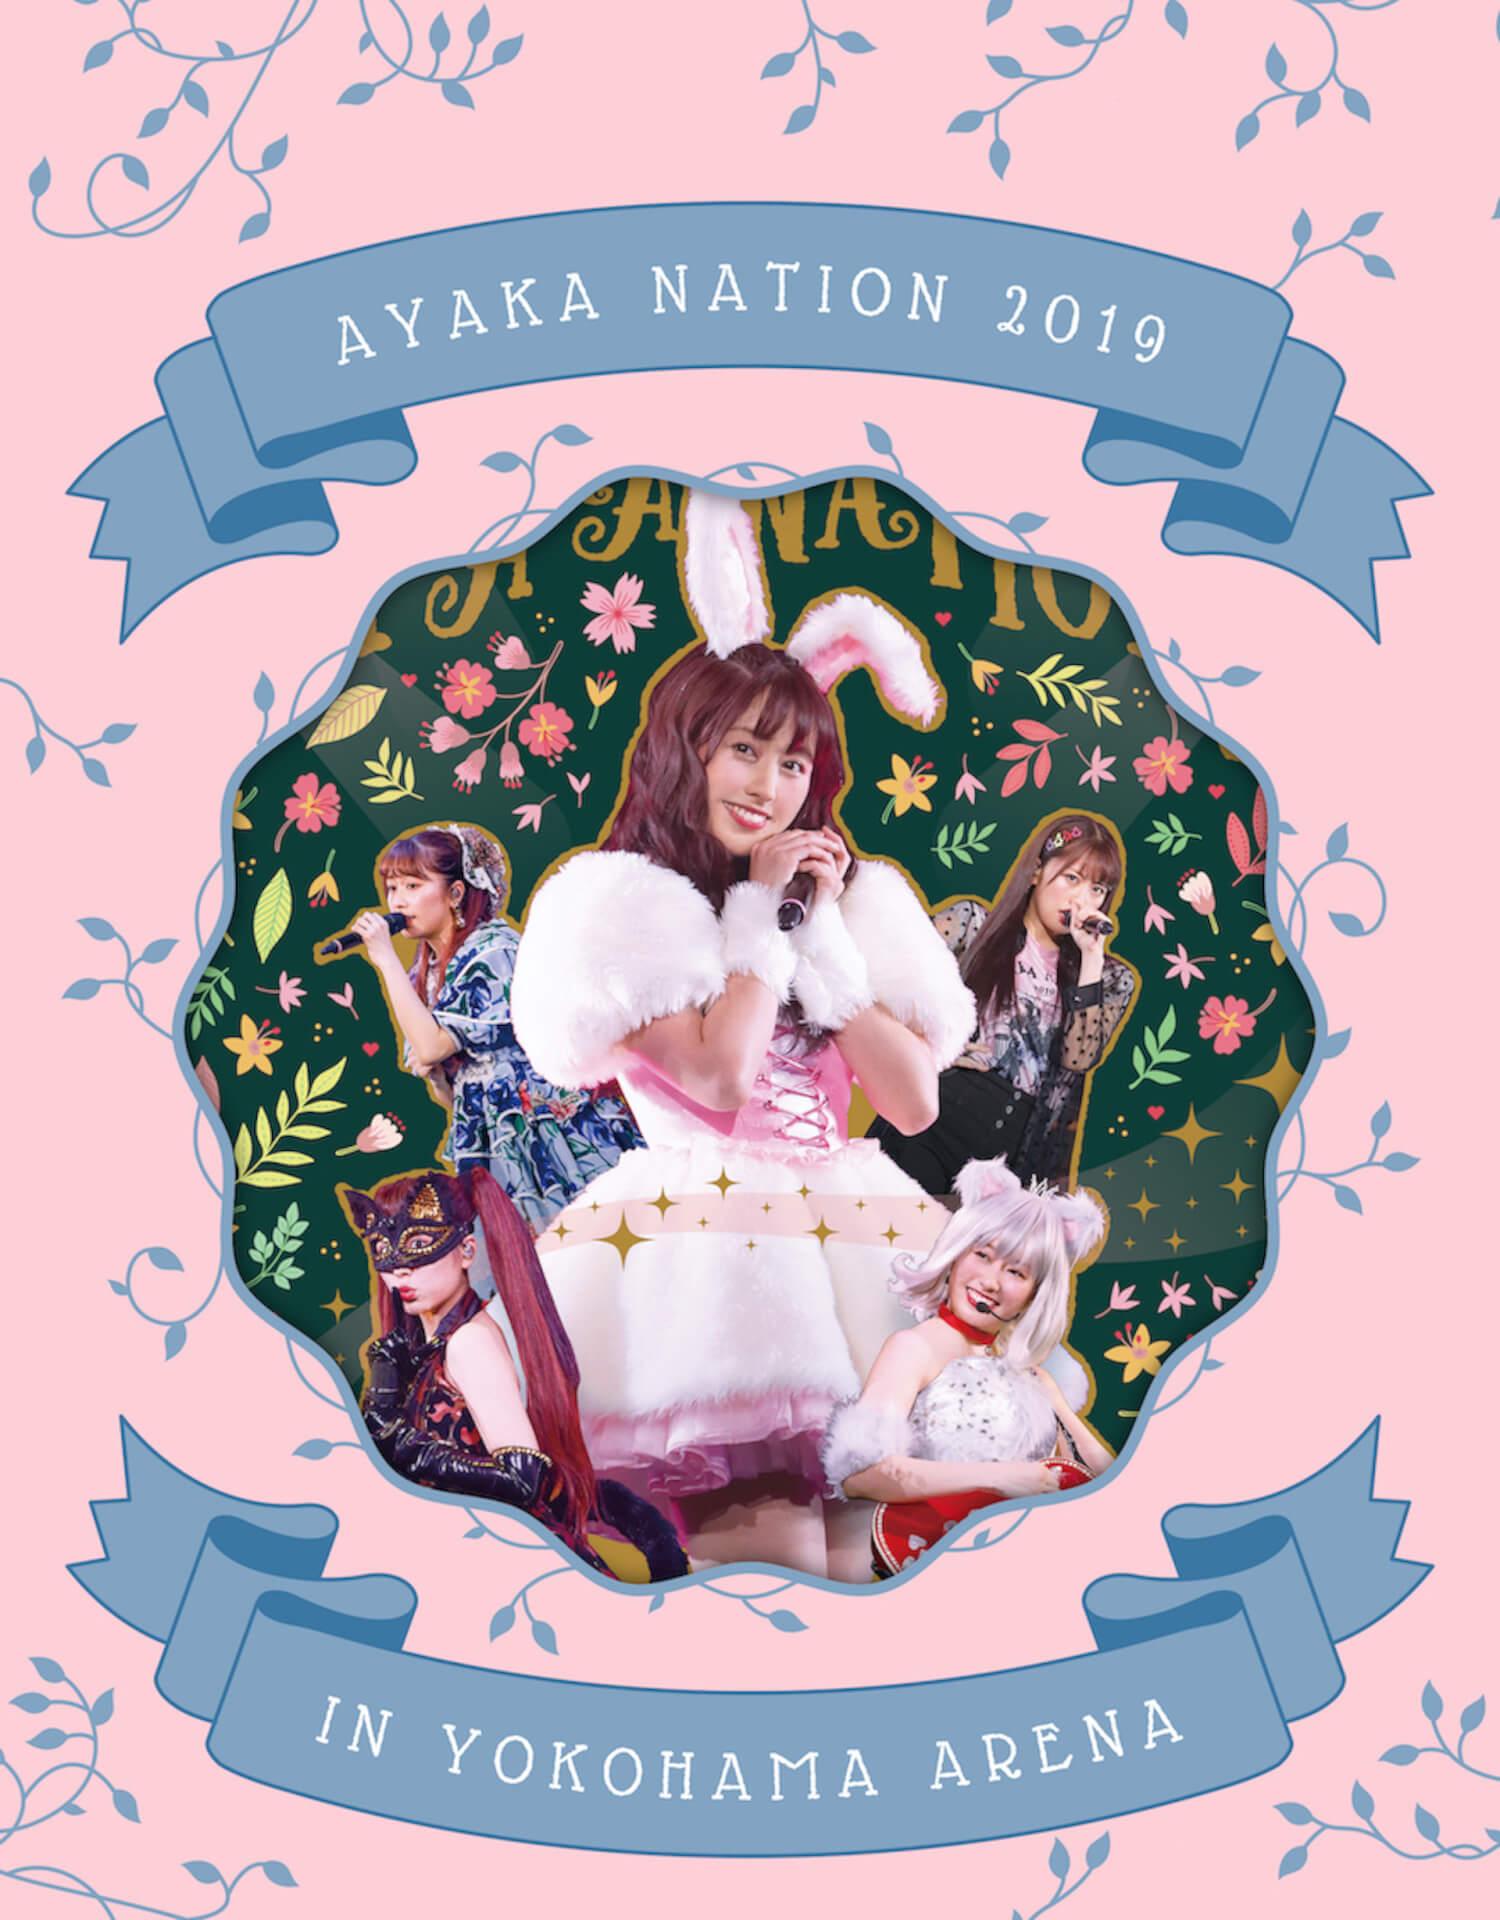 """ももクロ""""あーりん×ハードロックカフェ""""コラボが再度実現!『AYAKA NATION 2019』BD&DVD発売記念フェア開催決定 art191202_momokuro_6"""